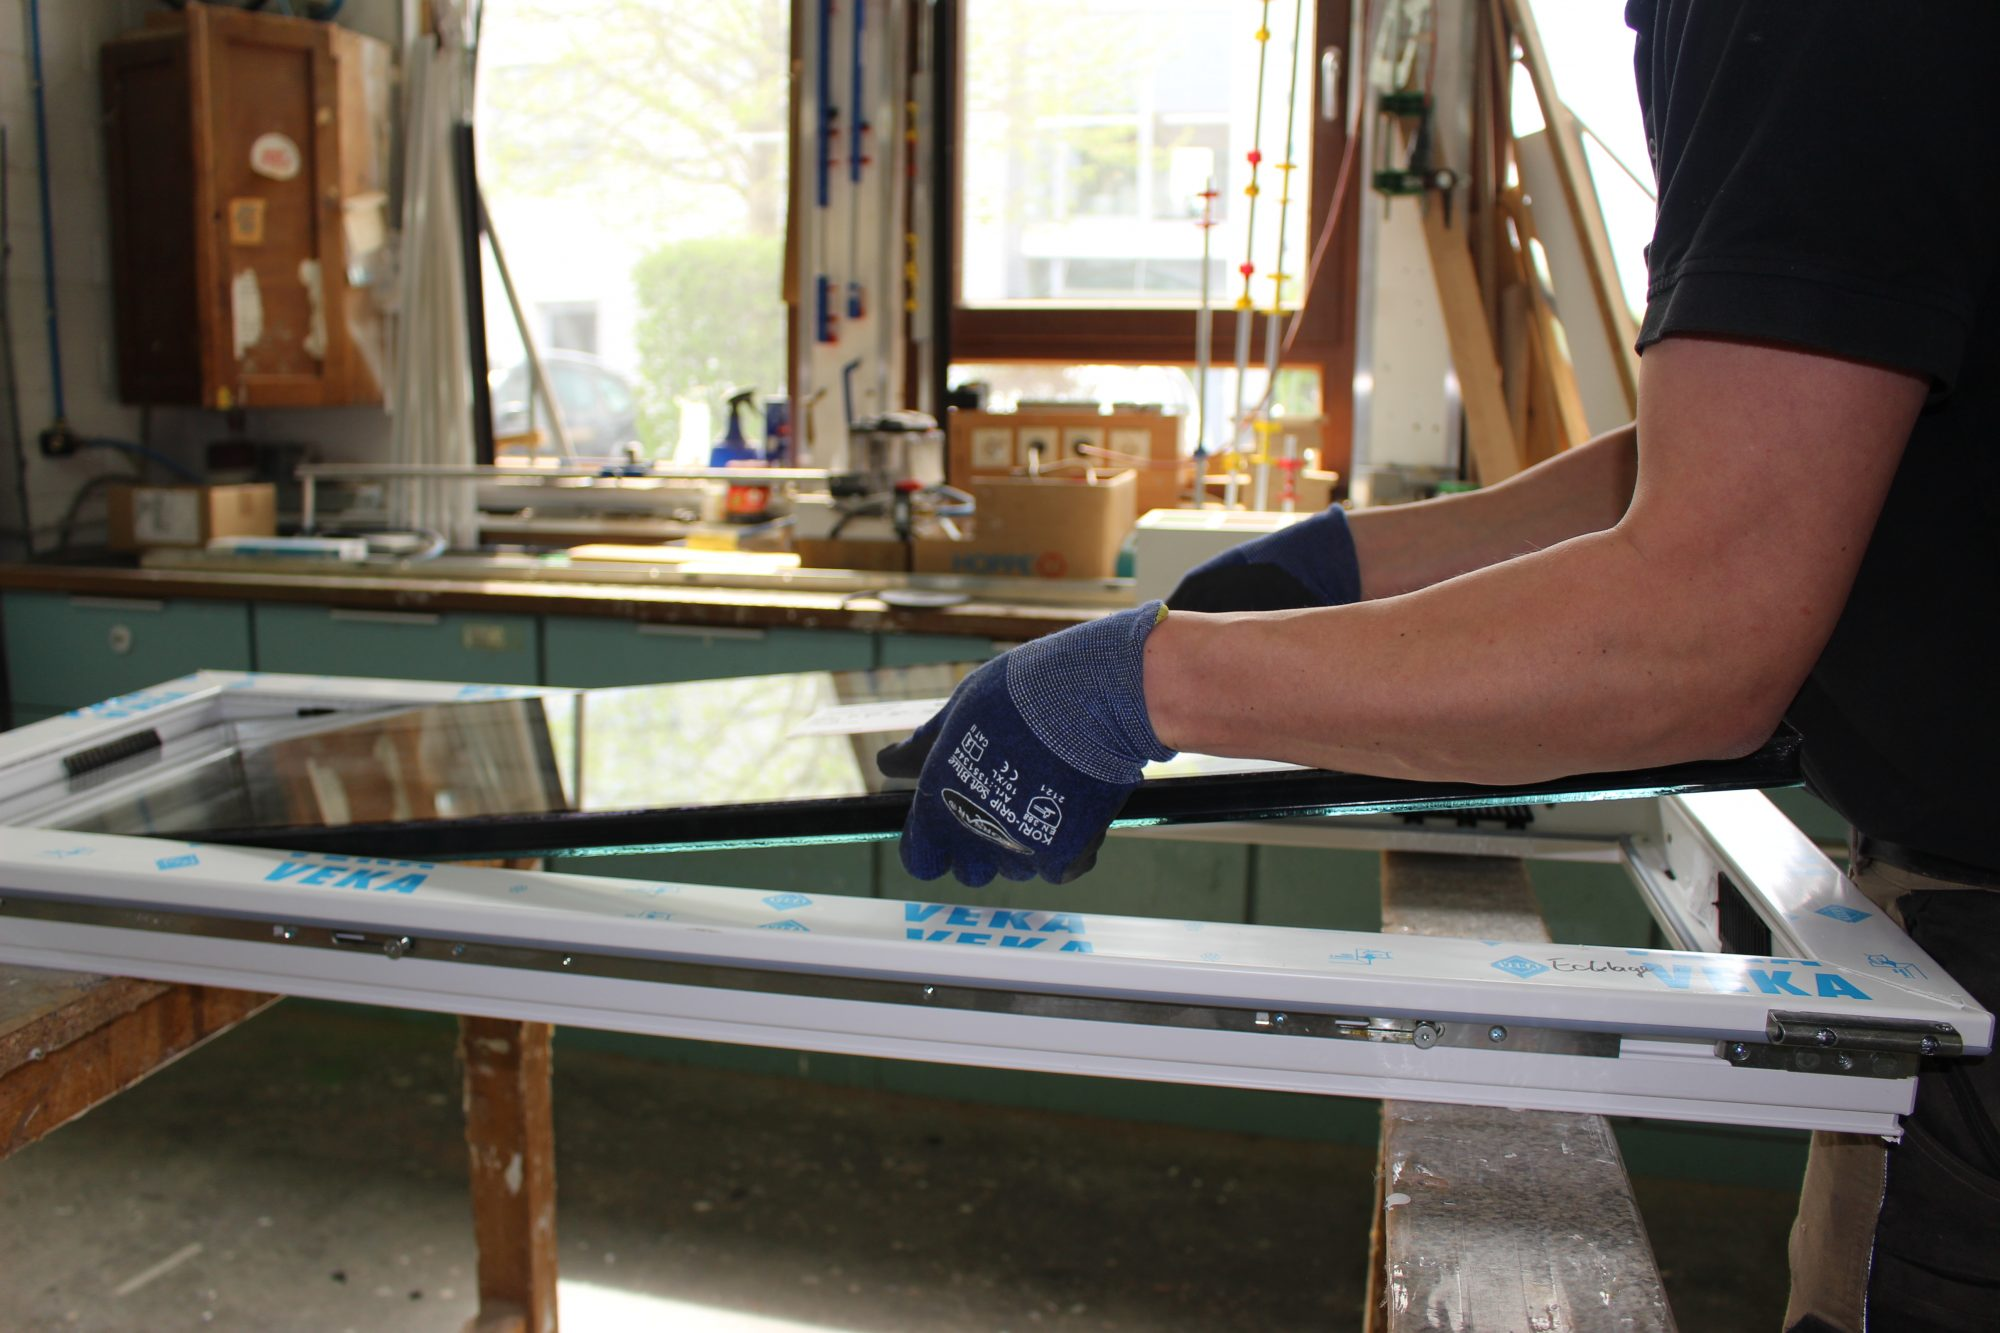 Holzfenster-Schreinerei Gerards-eigene Herstellung